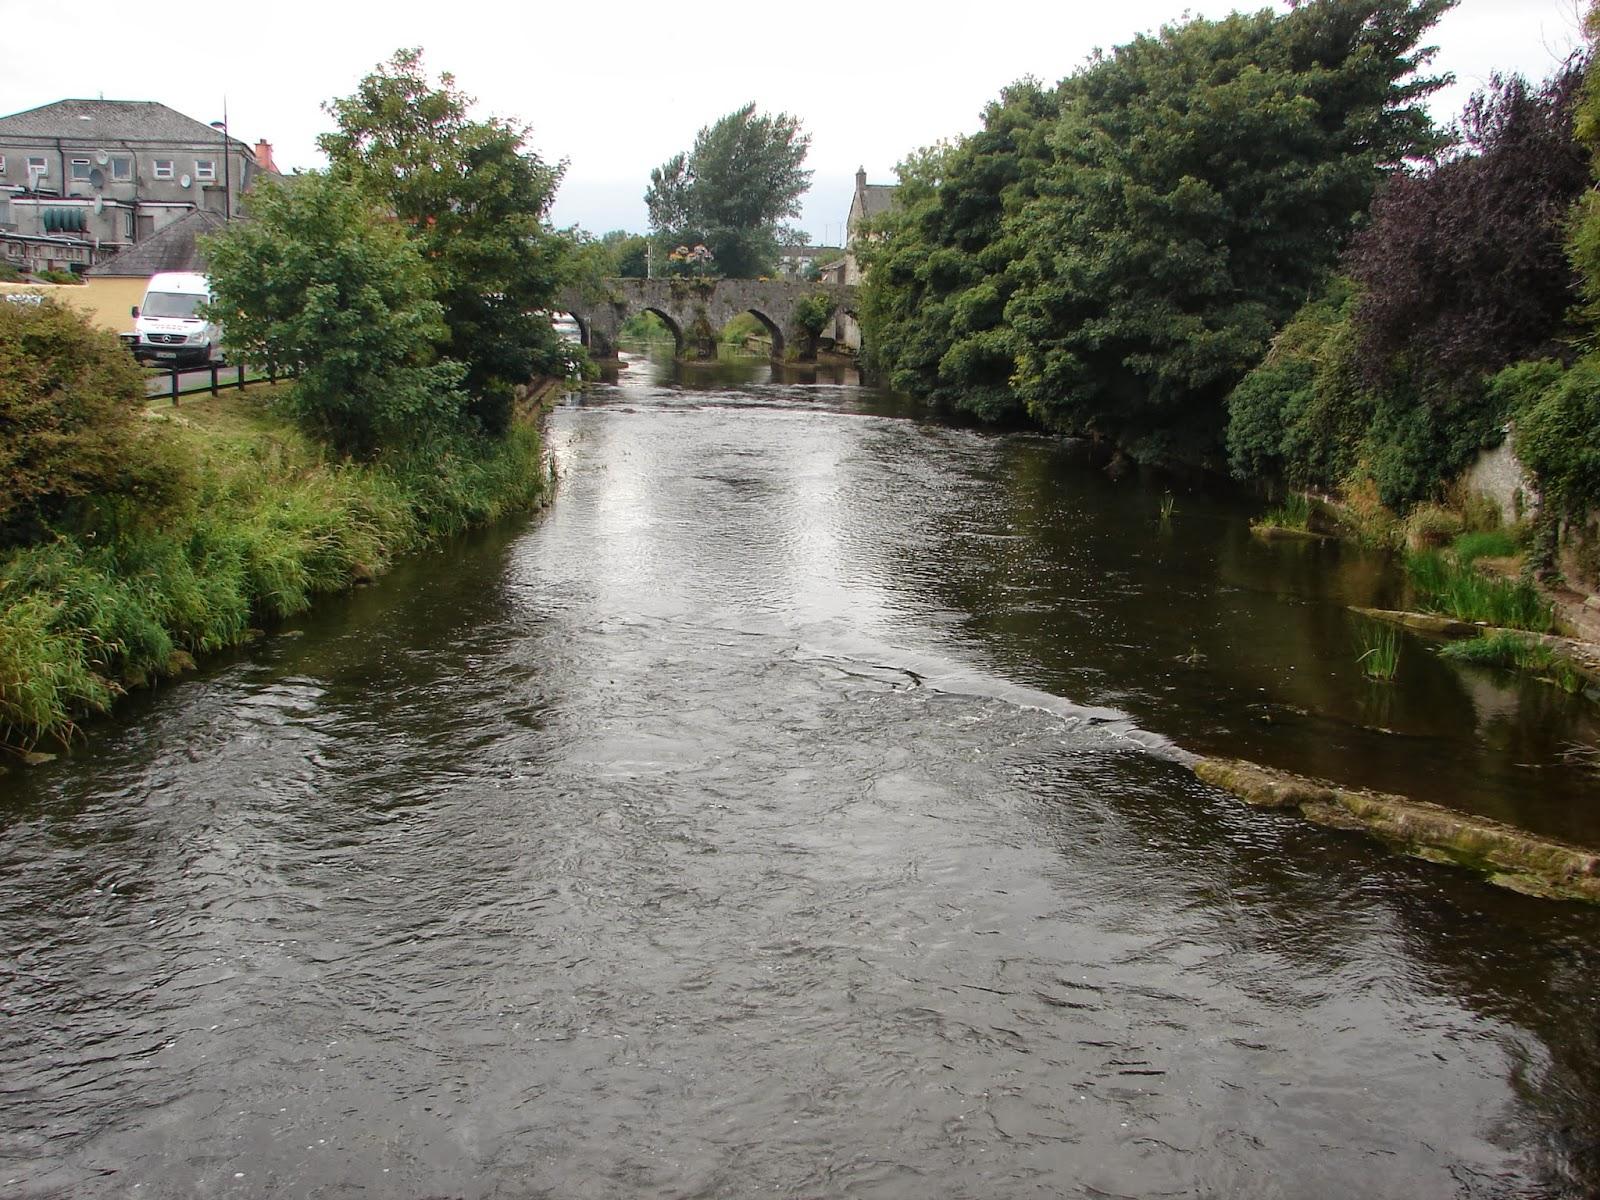 DSC05167 río Boinne en Trim (26-8-2013)